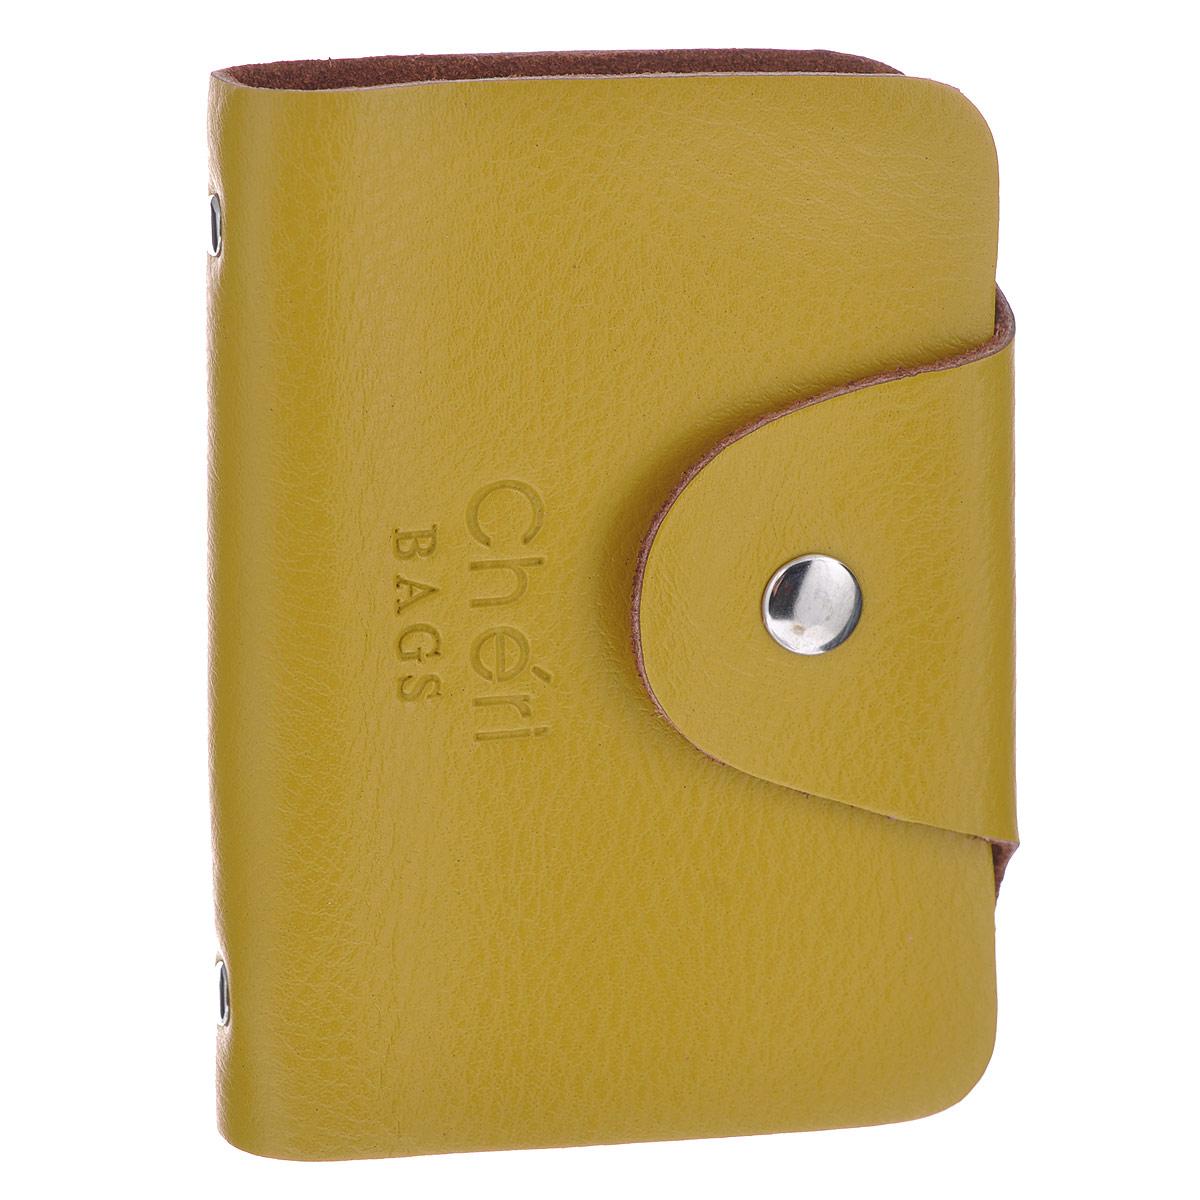 Визитница Cheribags, цвет: желтый. V-0489-13V-0489-13Элегантная визитница Cheribags - стильная вещь для хранения визиток. Визитница выполнена из натуральной кожи, закрывается клапаном на металлическую кнопку. Внутри содержит блок из мягкого пластика, рассчитанный на 26 визиток. Такая визитница станет замечательным подарком человеку, ценящему качественные и практичные вещи.